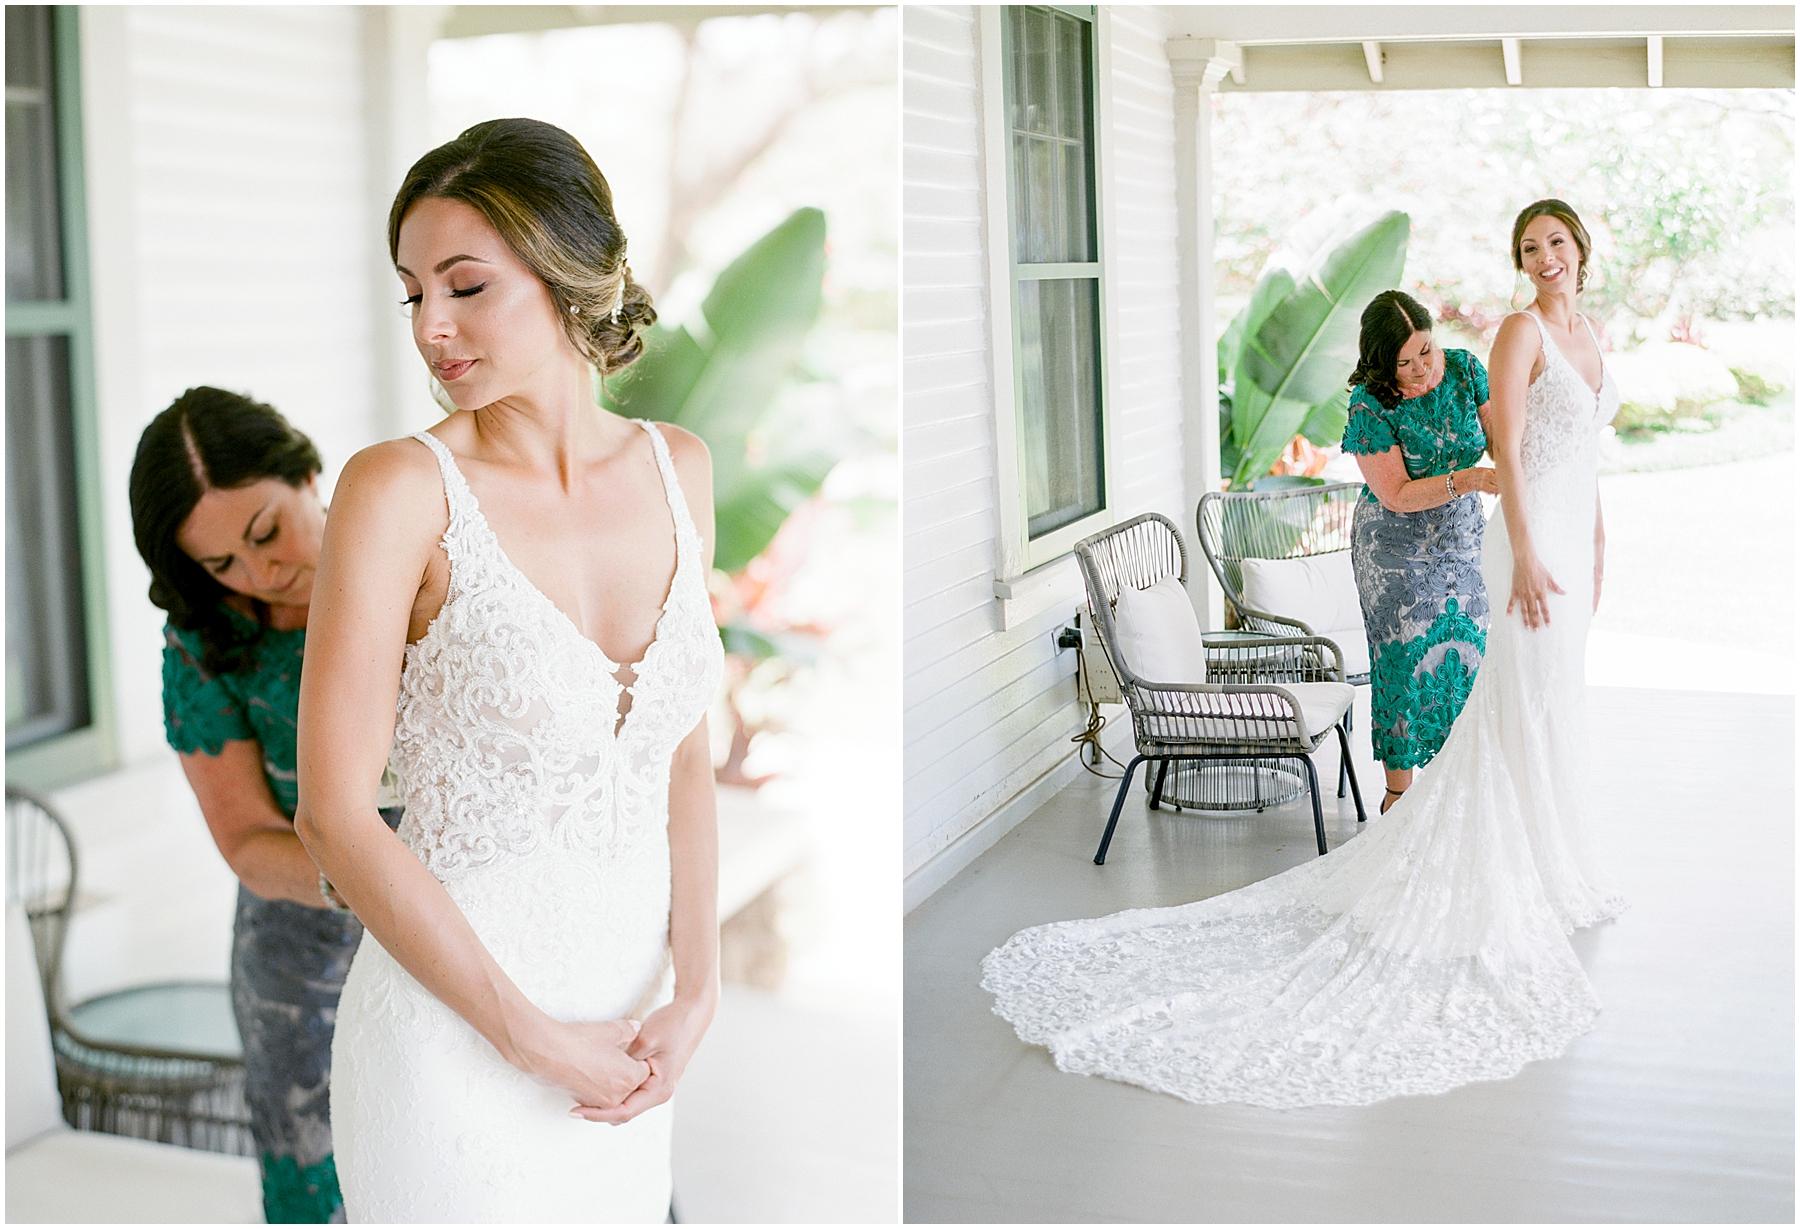 Olowalu-plantation-house-maui-hawaii-wedding-3.jpg